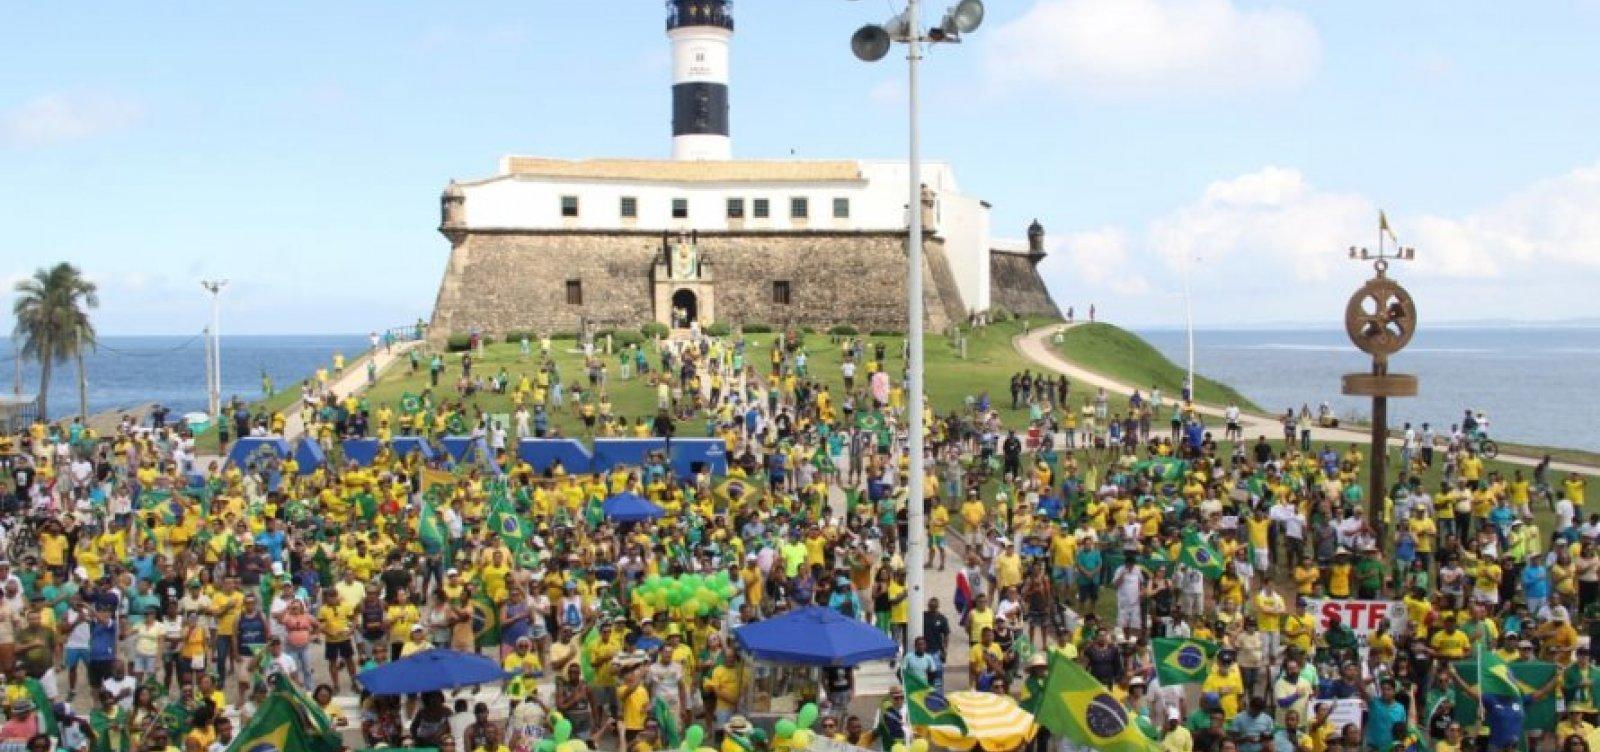 [Grupos pró-Bolsonaro acusam prefeitura de 'censura' ao impedir desfile de trio]